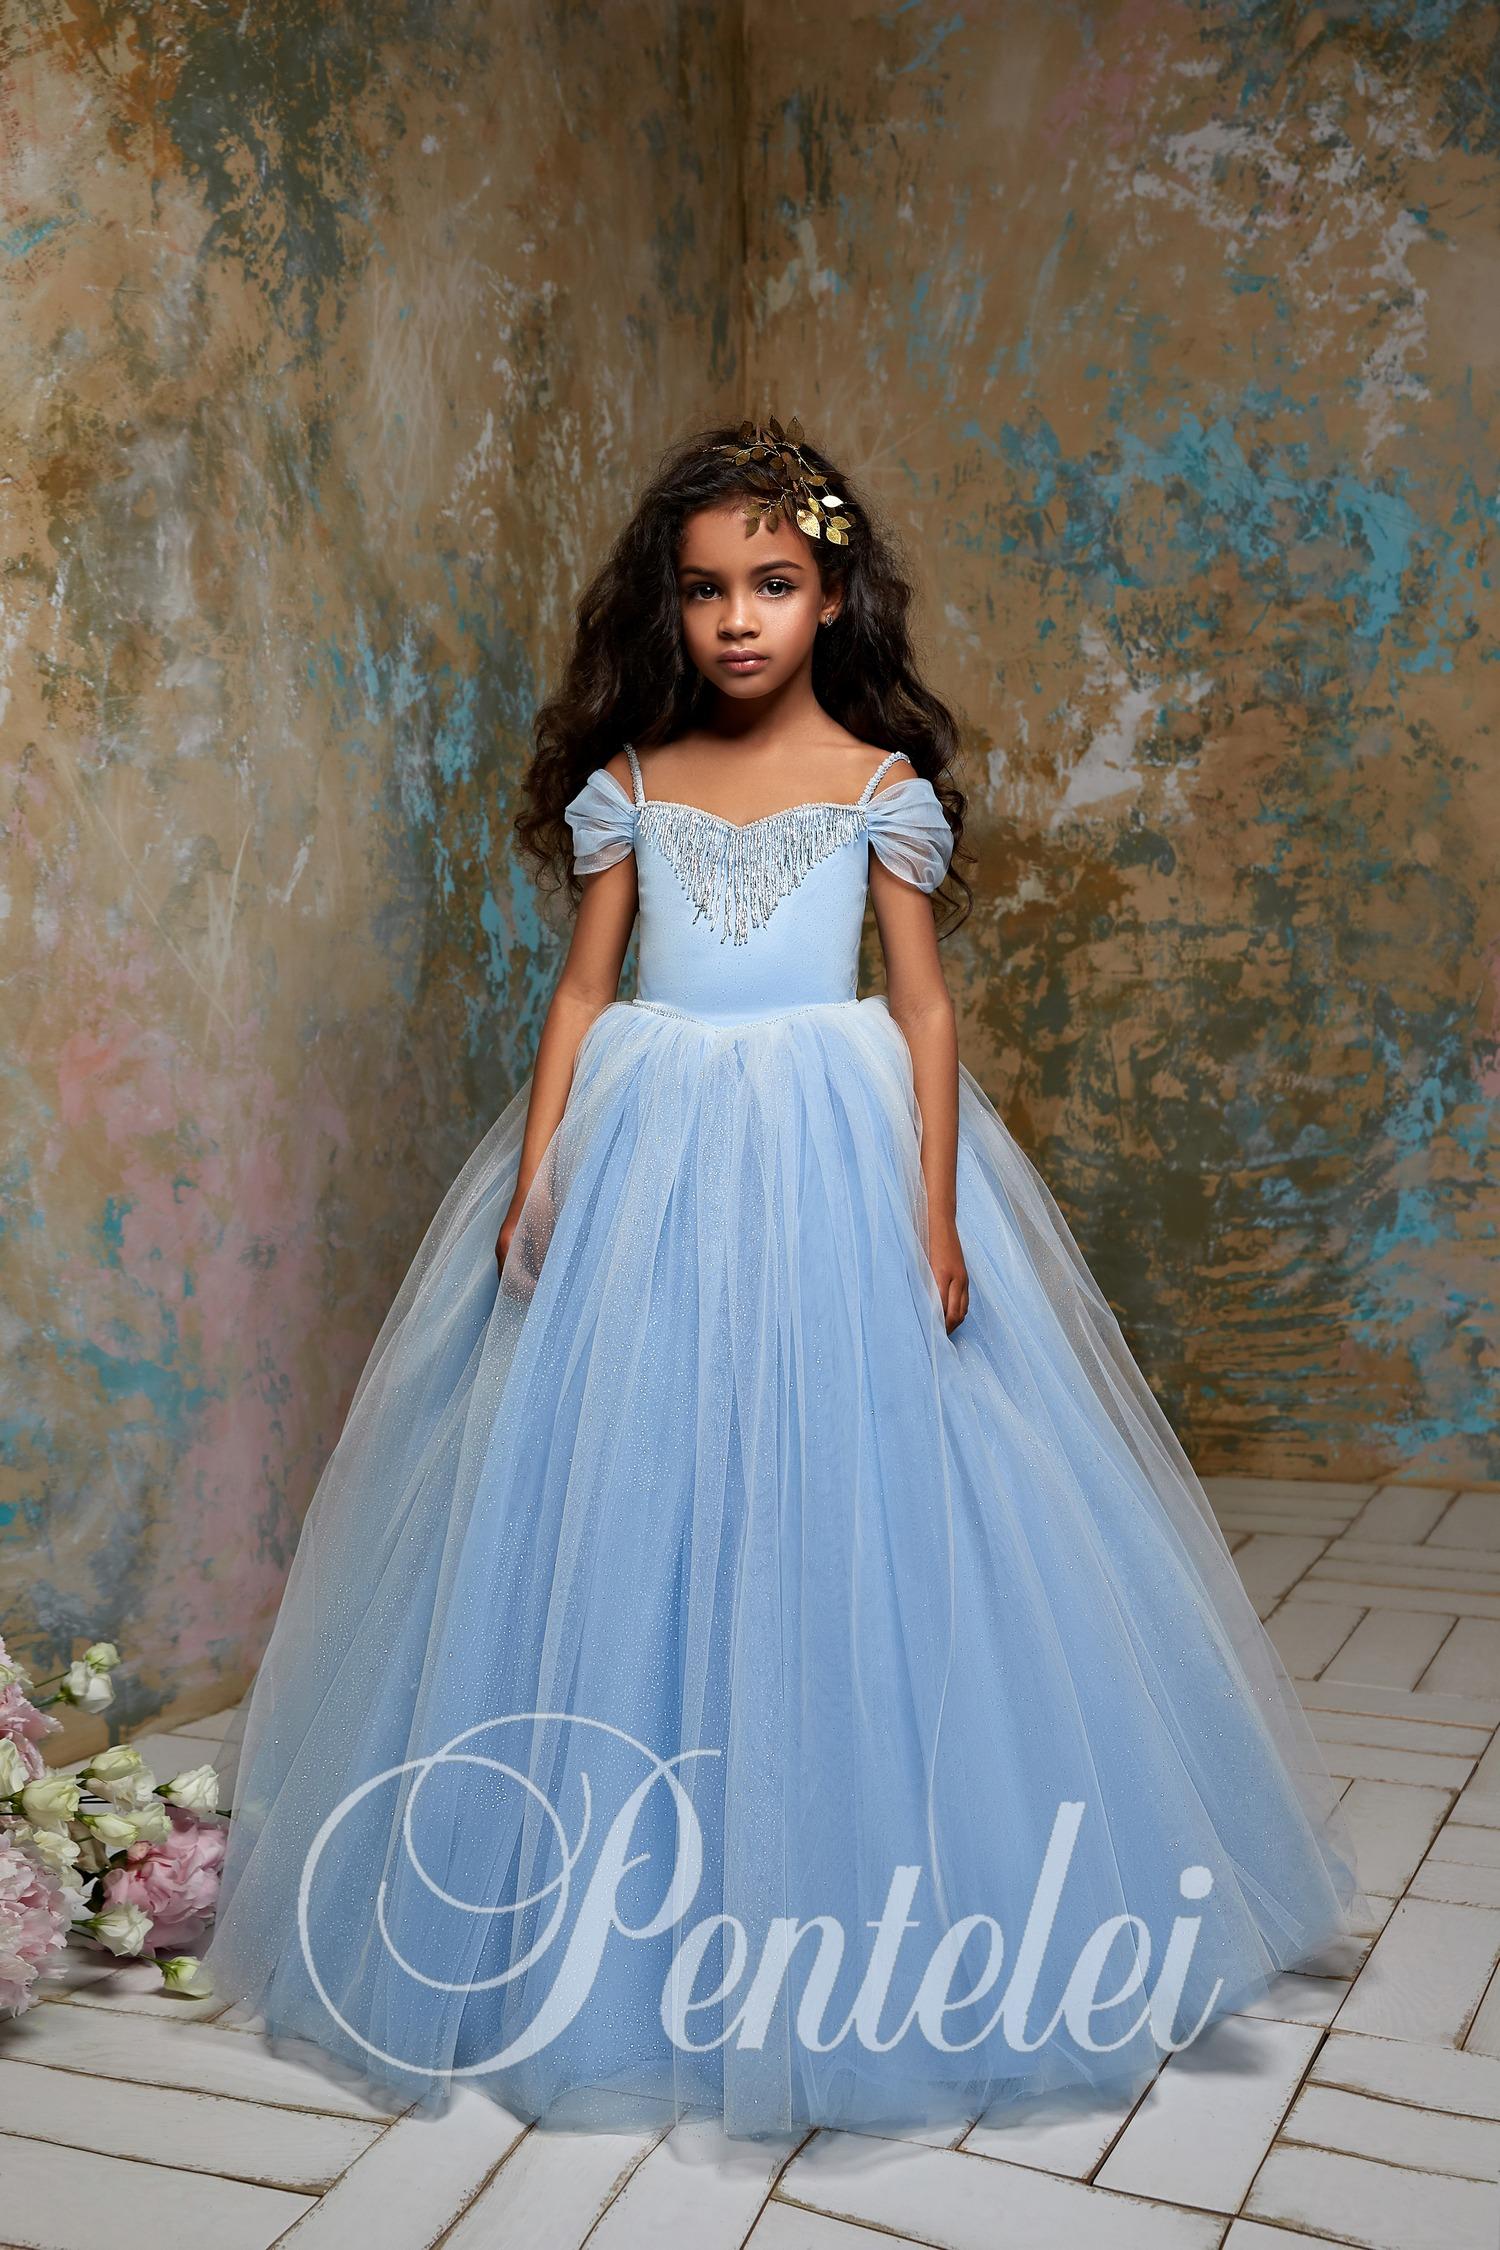 2fa5050da6c816 Пишні дитячі сукні з багатошаровою фатиновою спідницею оптом від ...